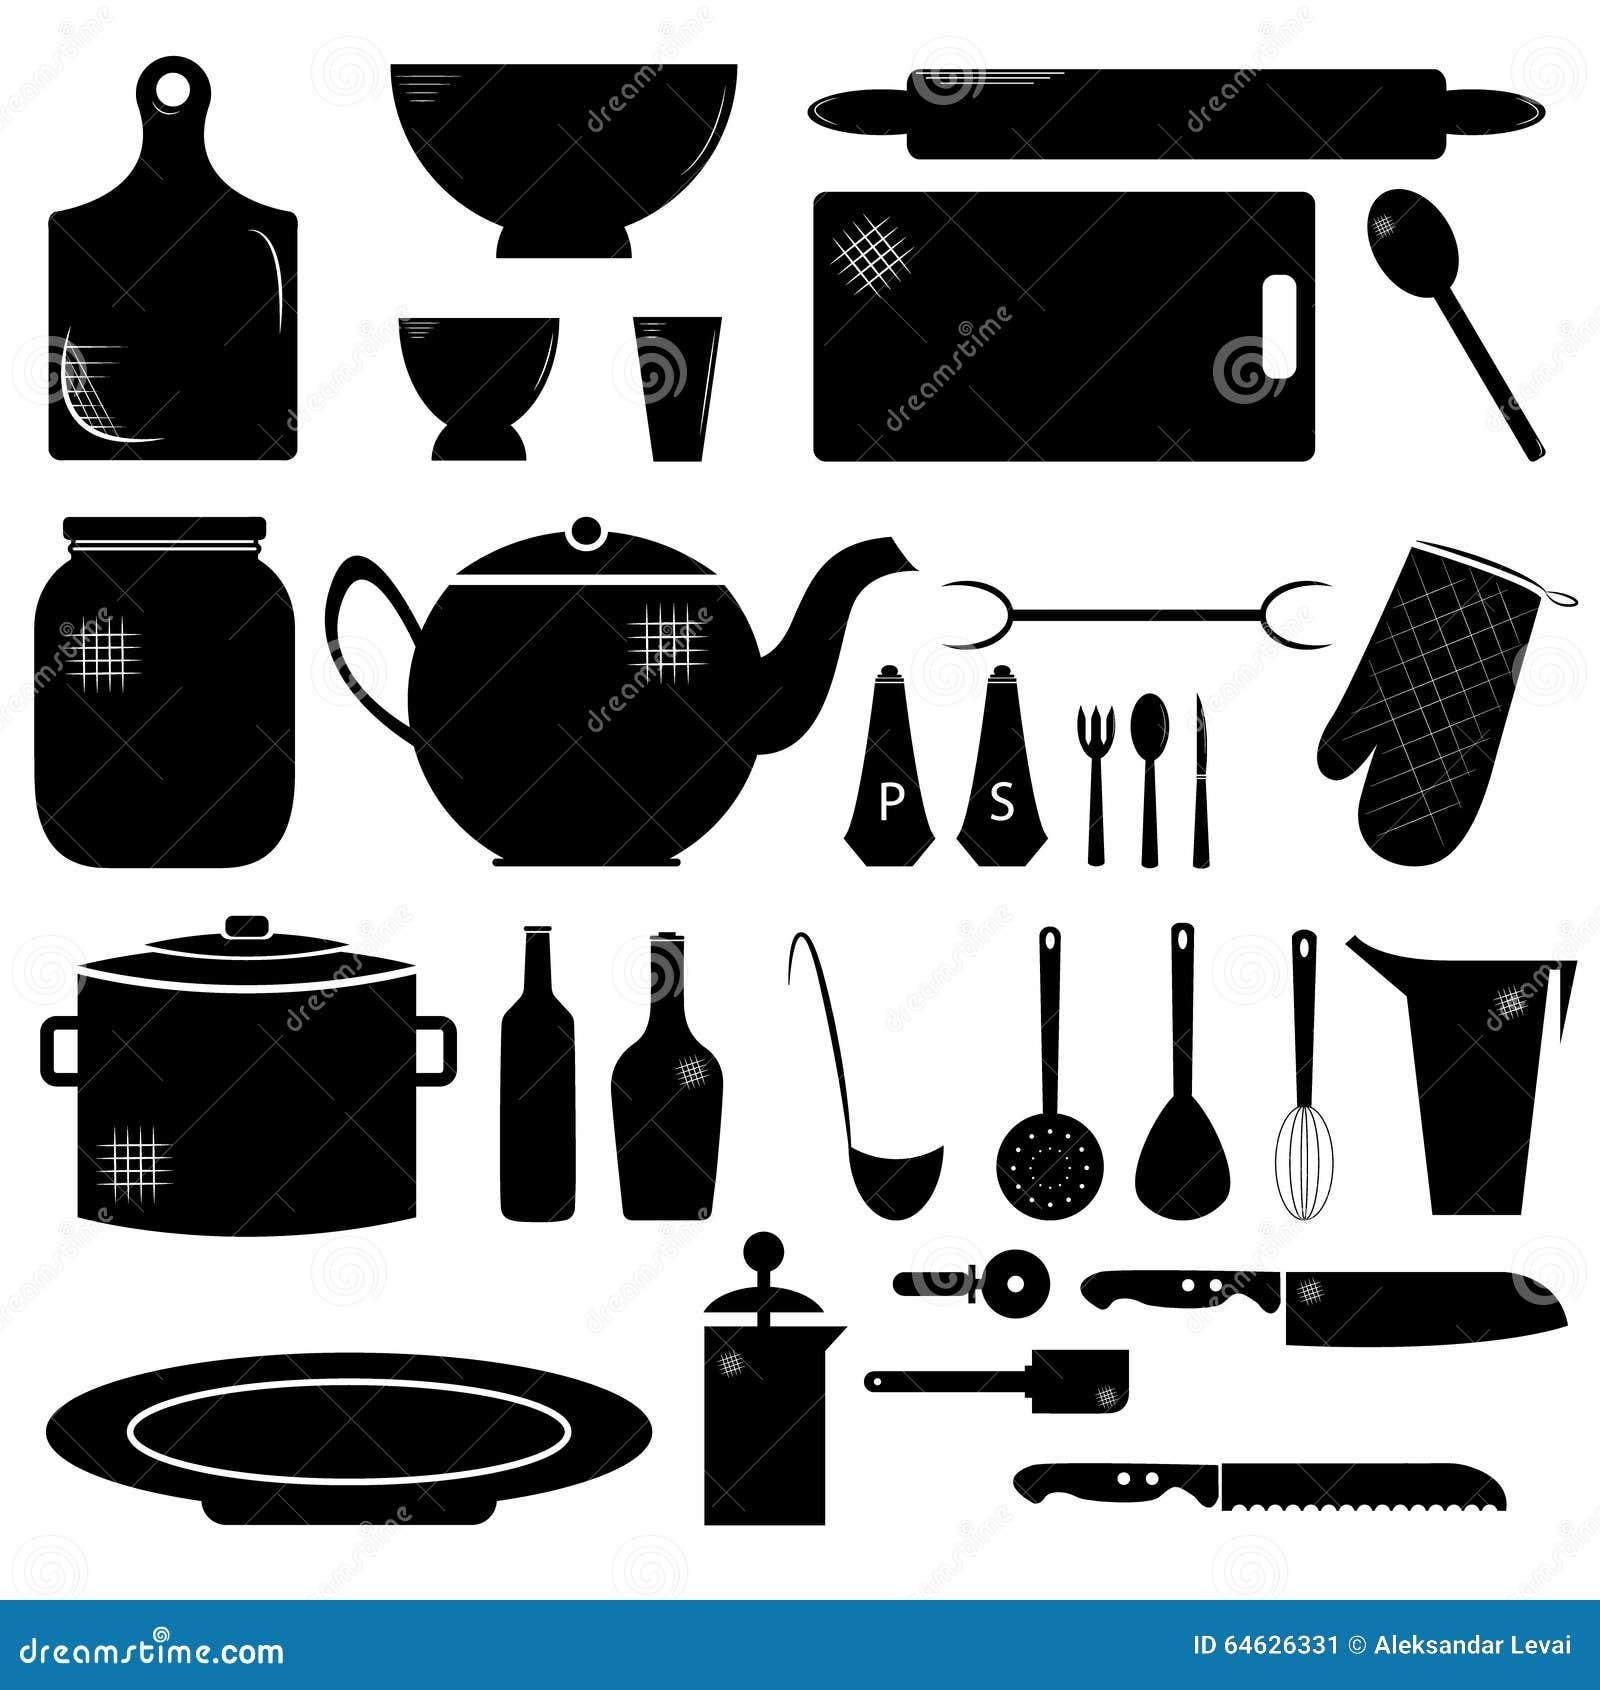 Kitchen stuff stock illustration. Illustration of symbol - 64626331